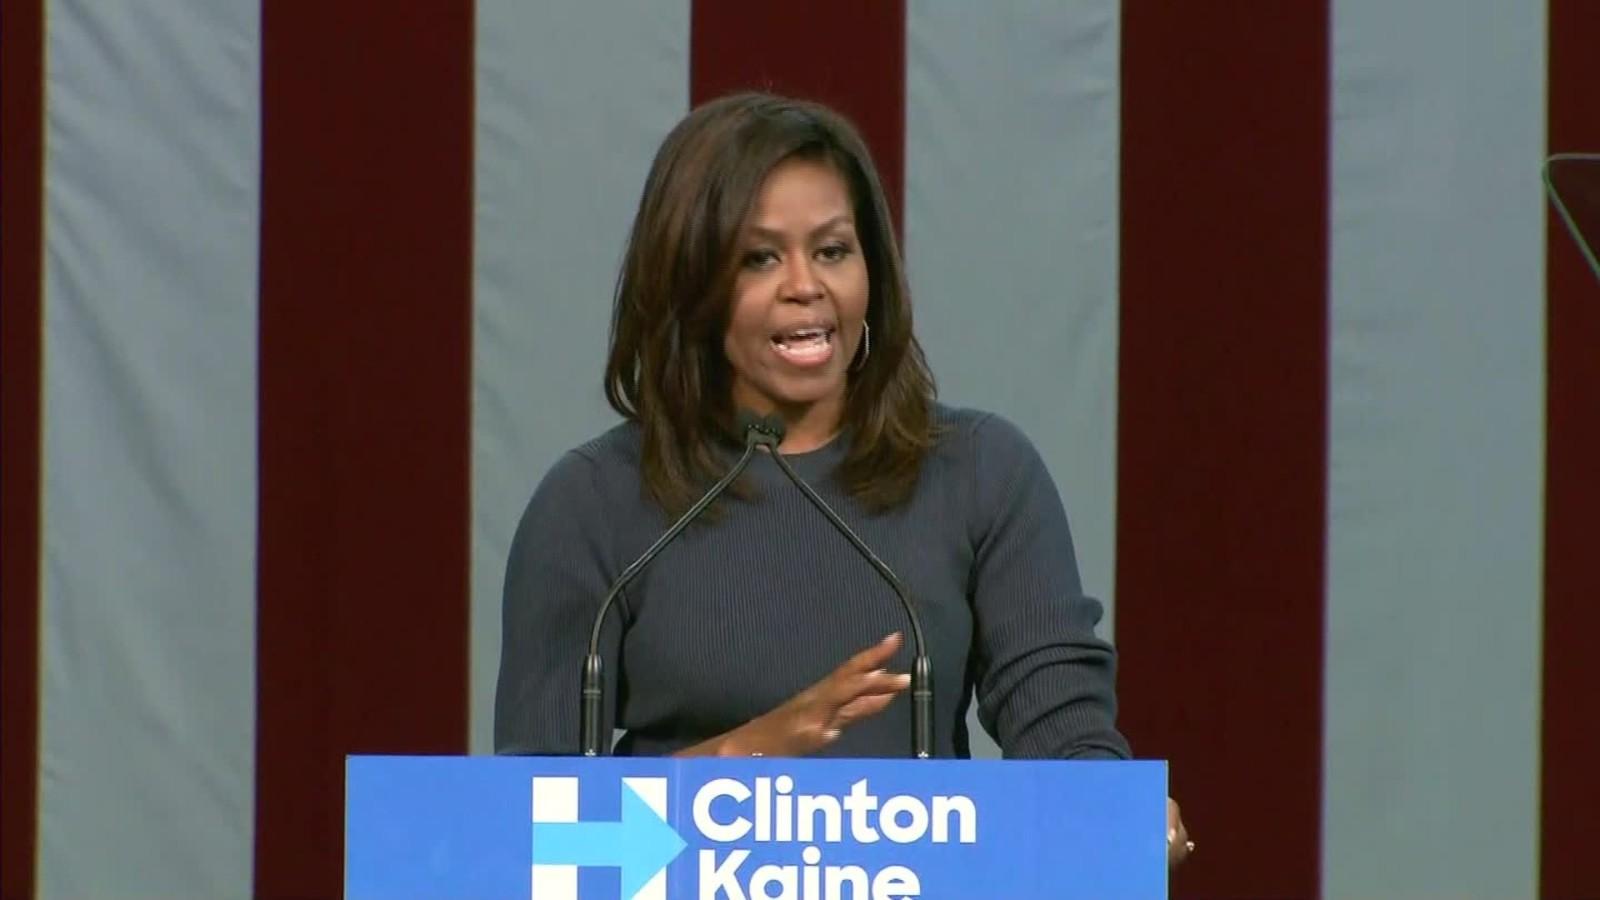 Michelle Obama takes on Trump's 'obscene' behavior